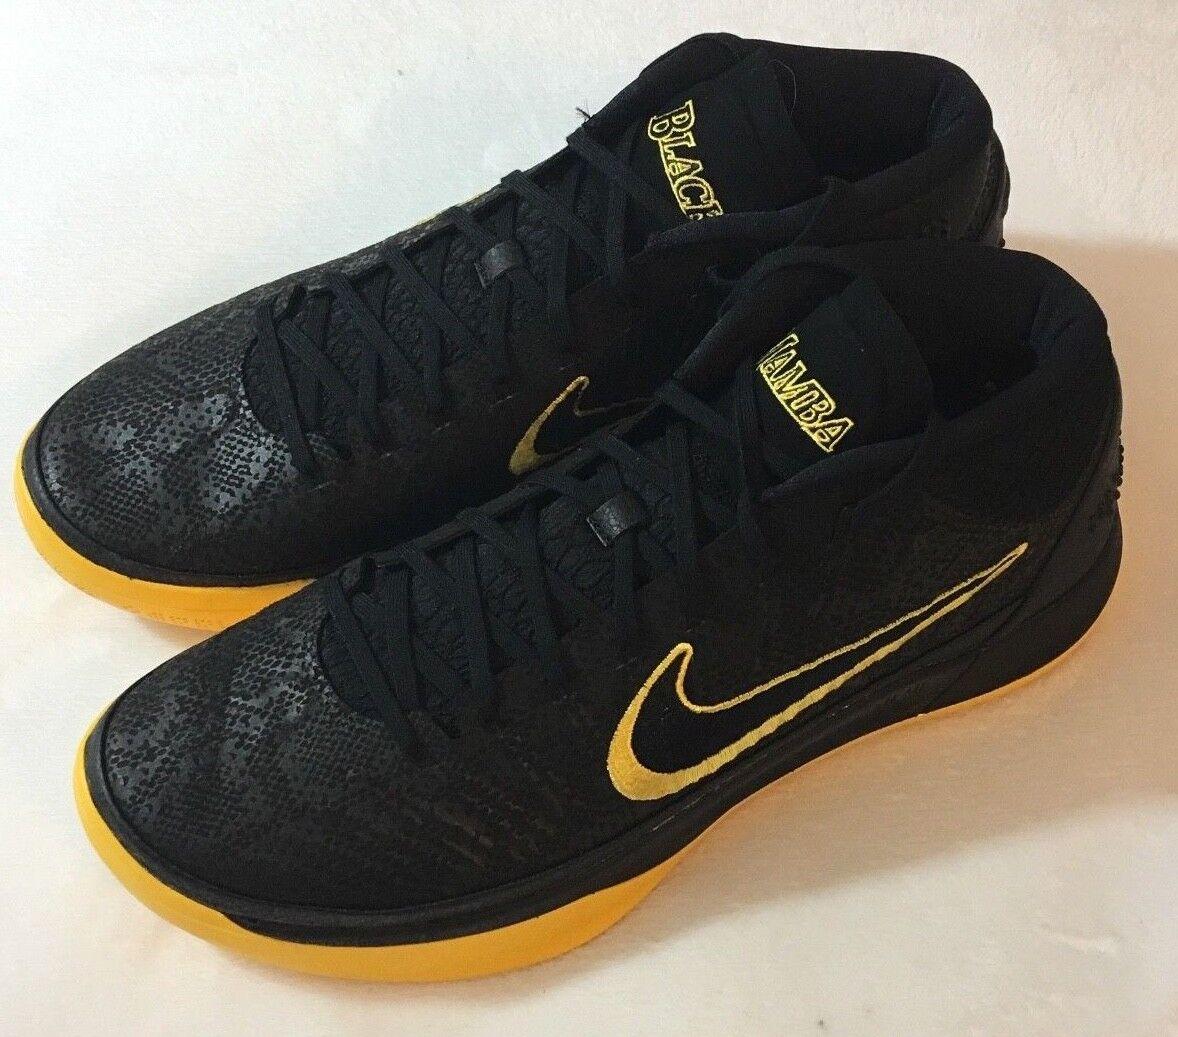 Nike kobe a.d. citt met bm edizione della citt a.d. gli uomini basket oro nero aq5164-001 sz 13 cbf4ab